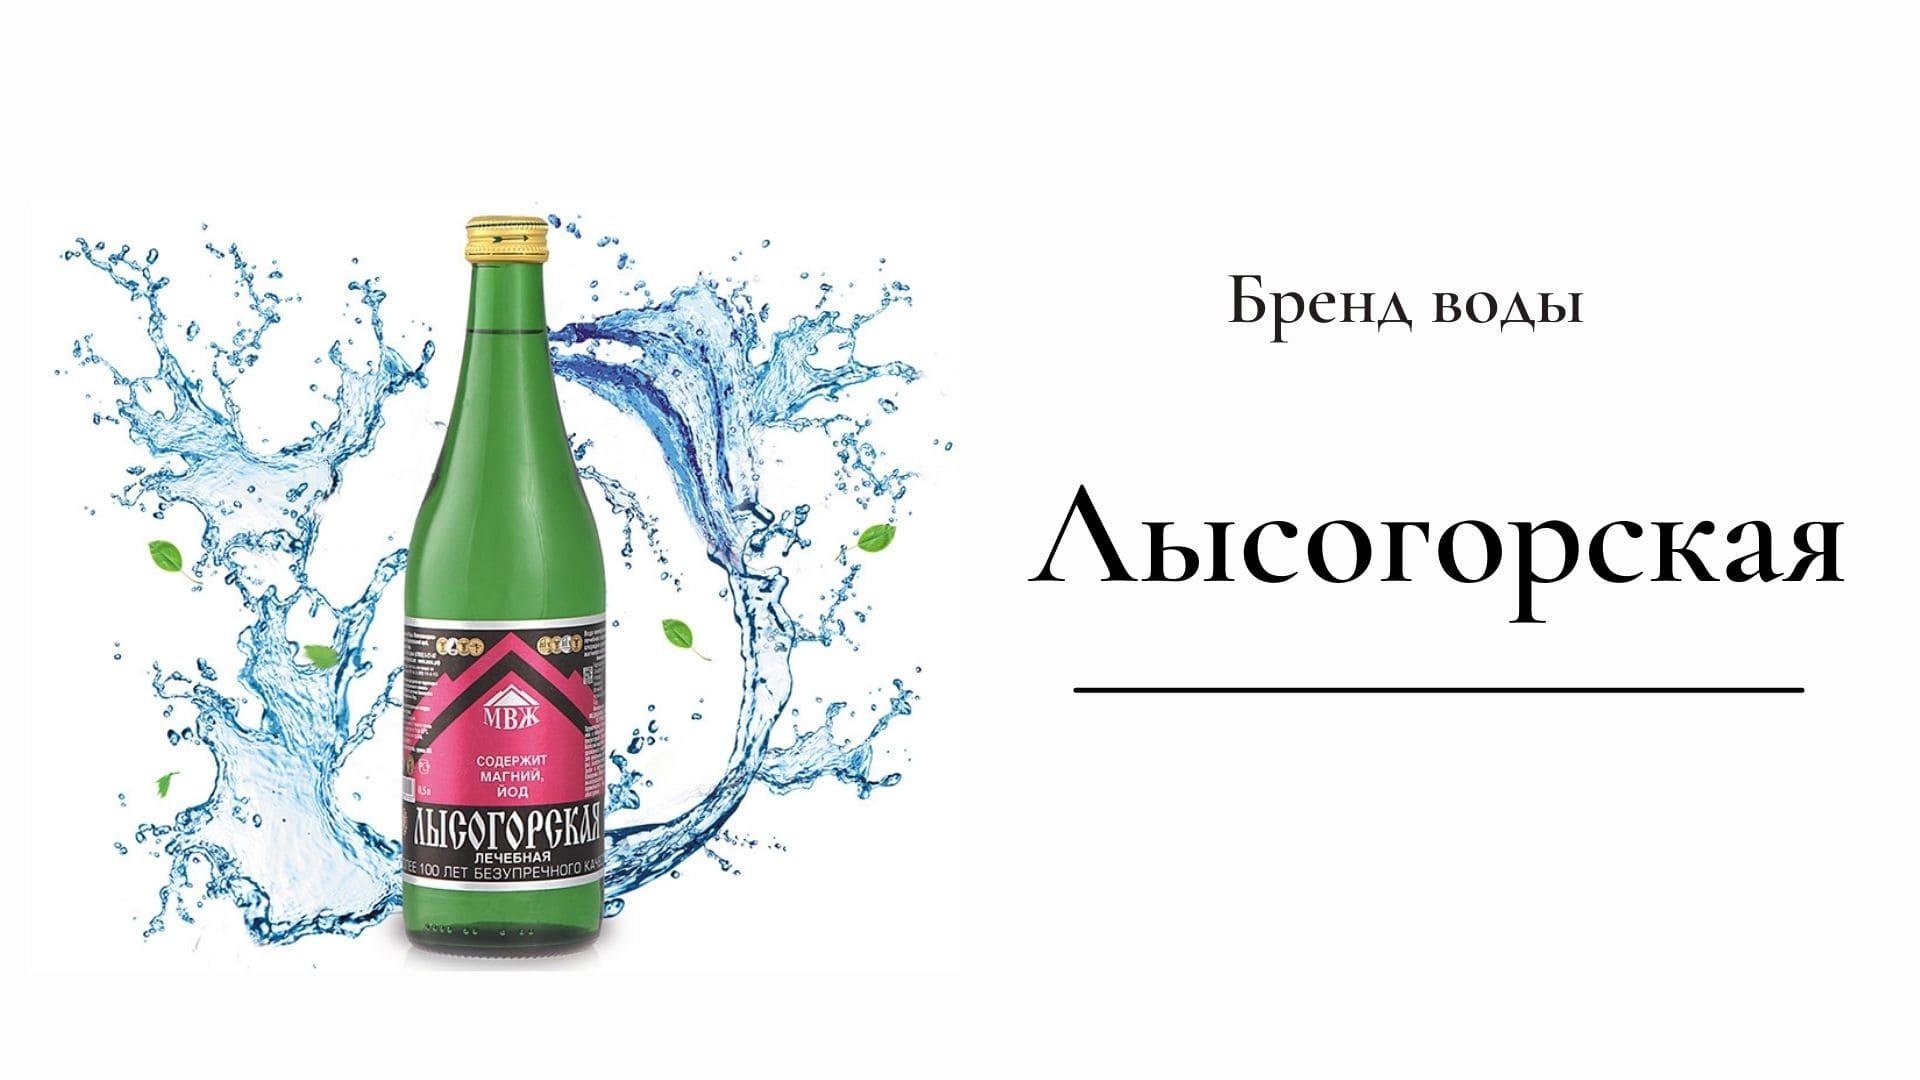 Бренд Лысогорская